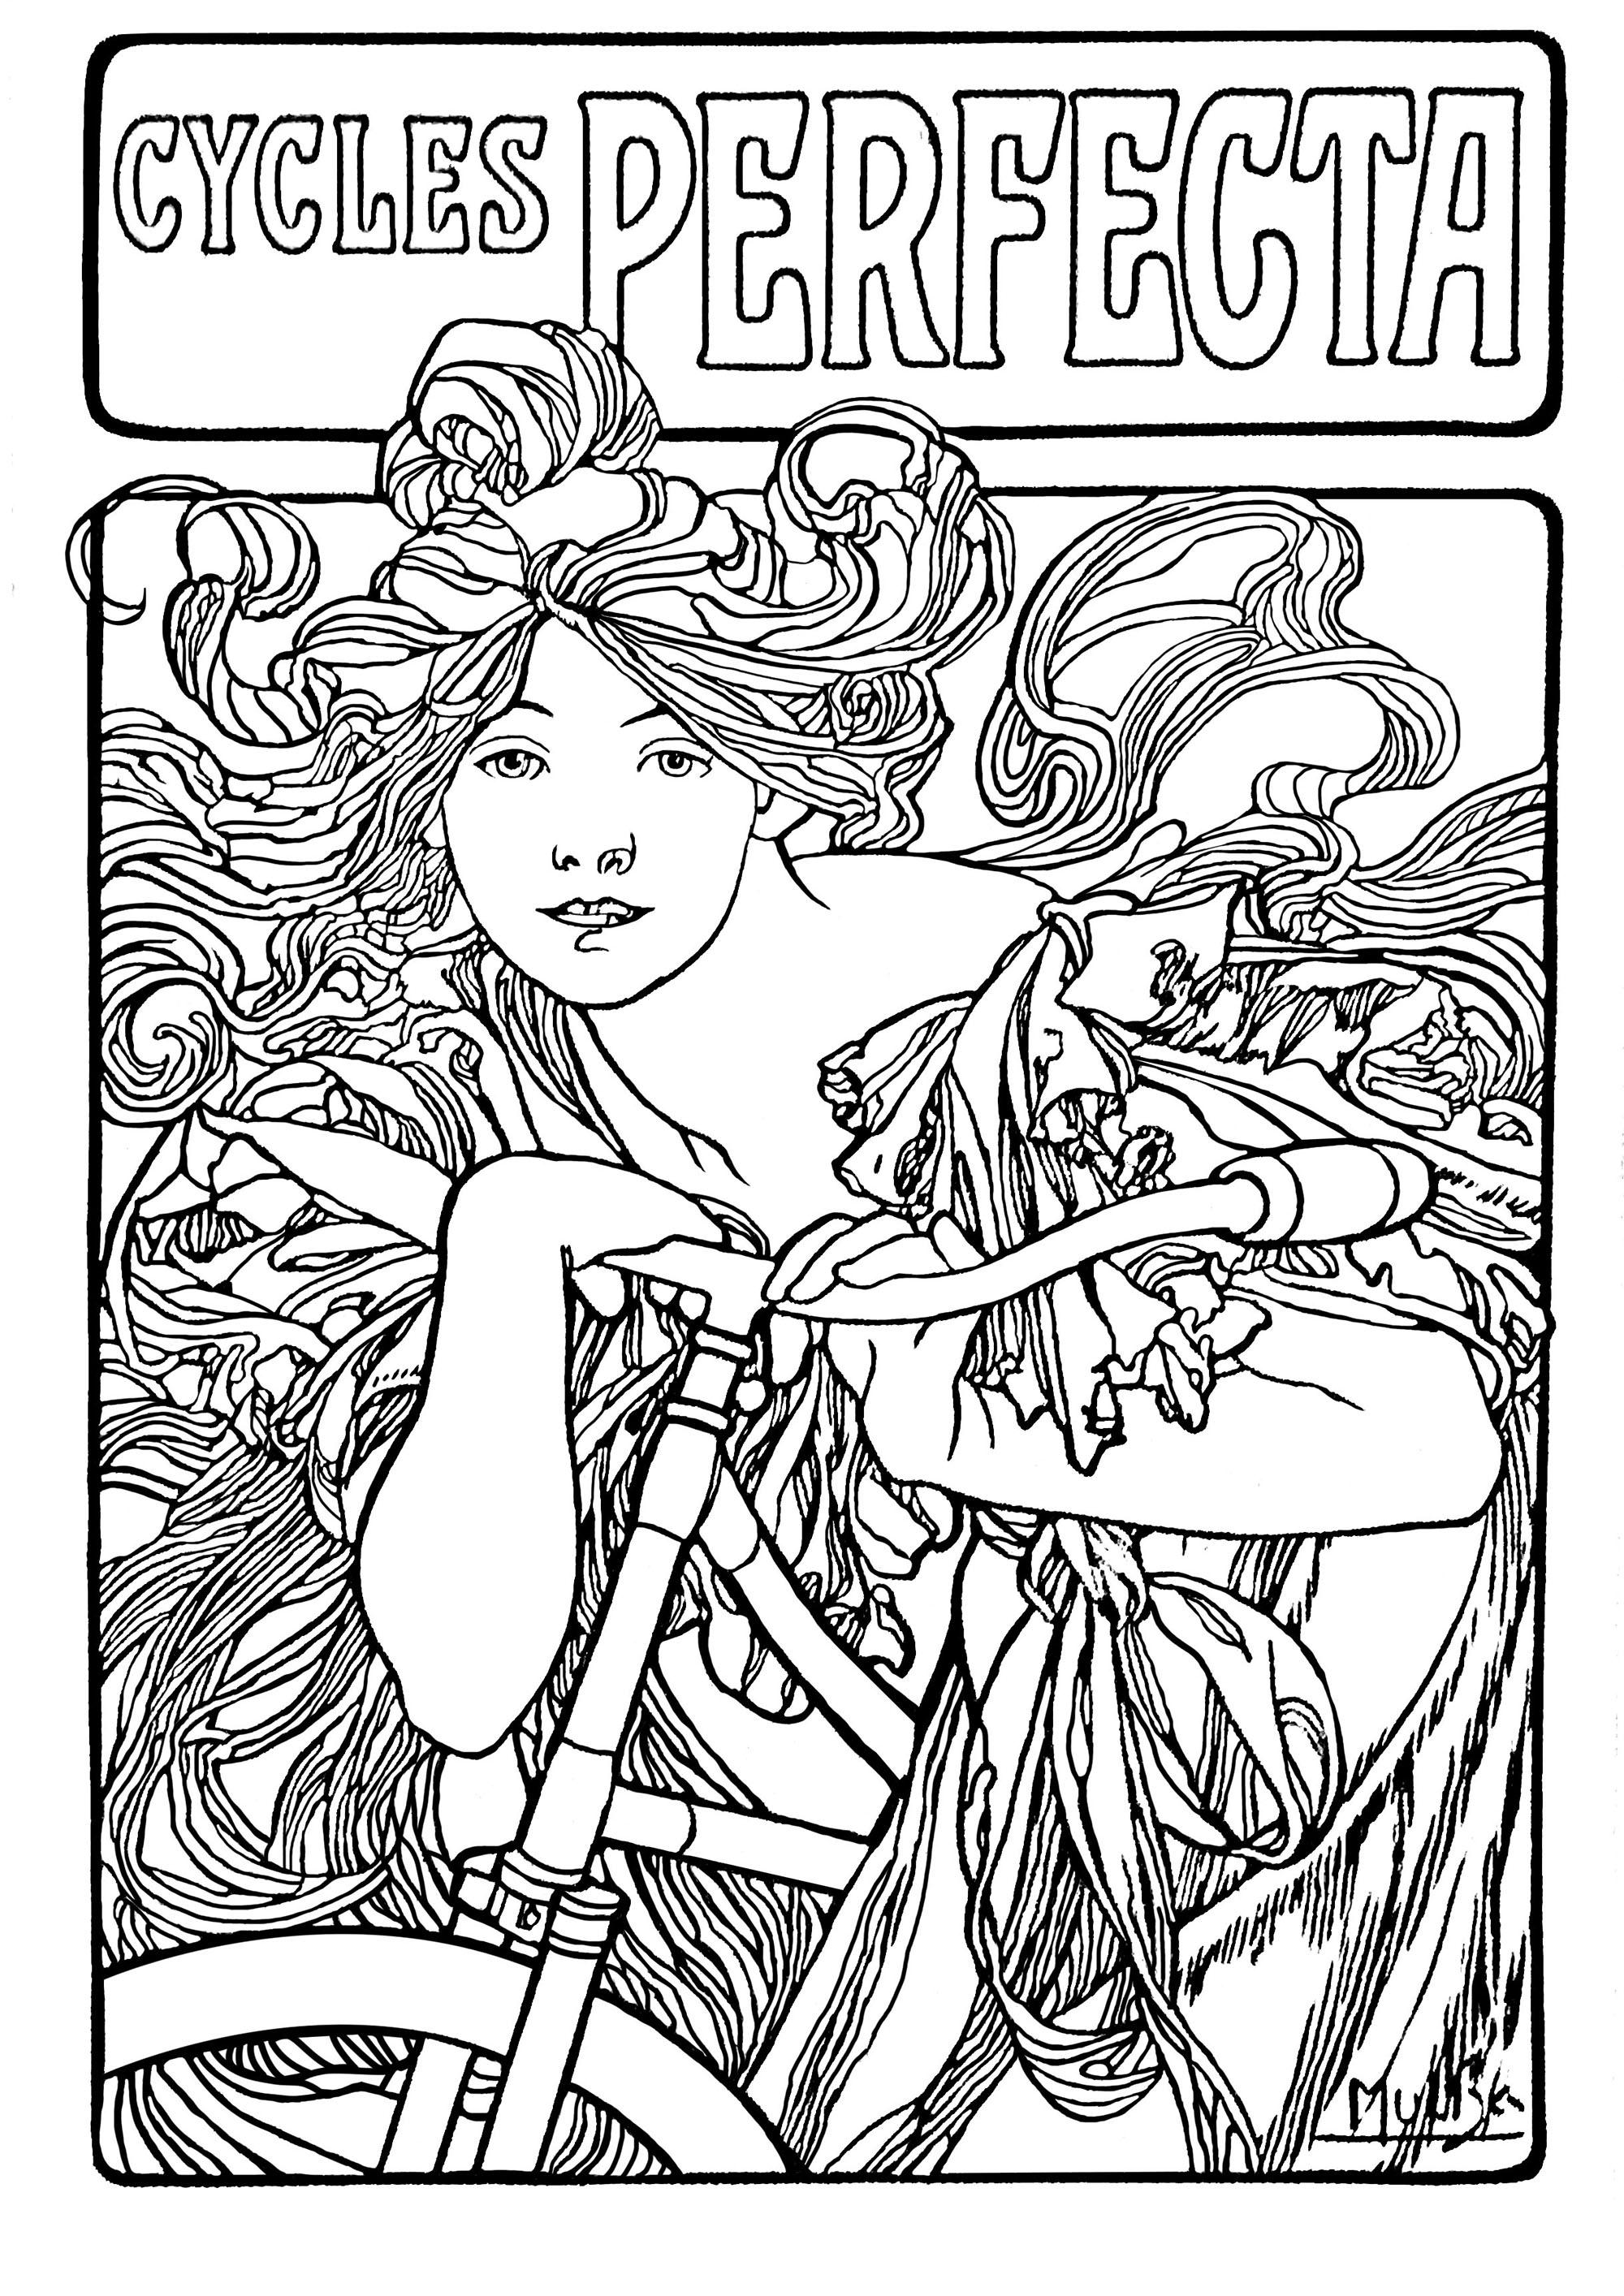 Disegni da colorare per adulti : Art nouveau - 1